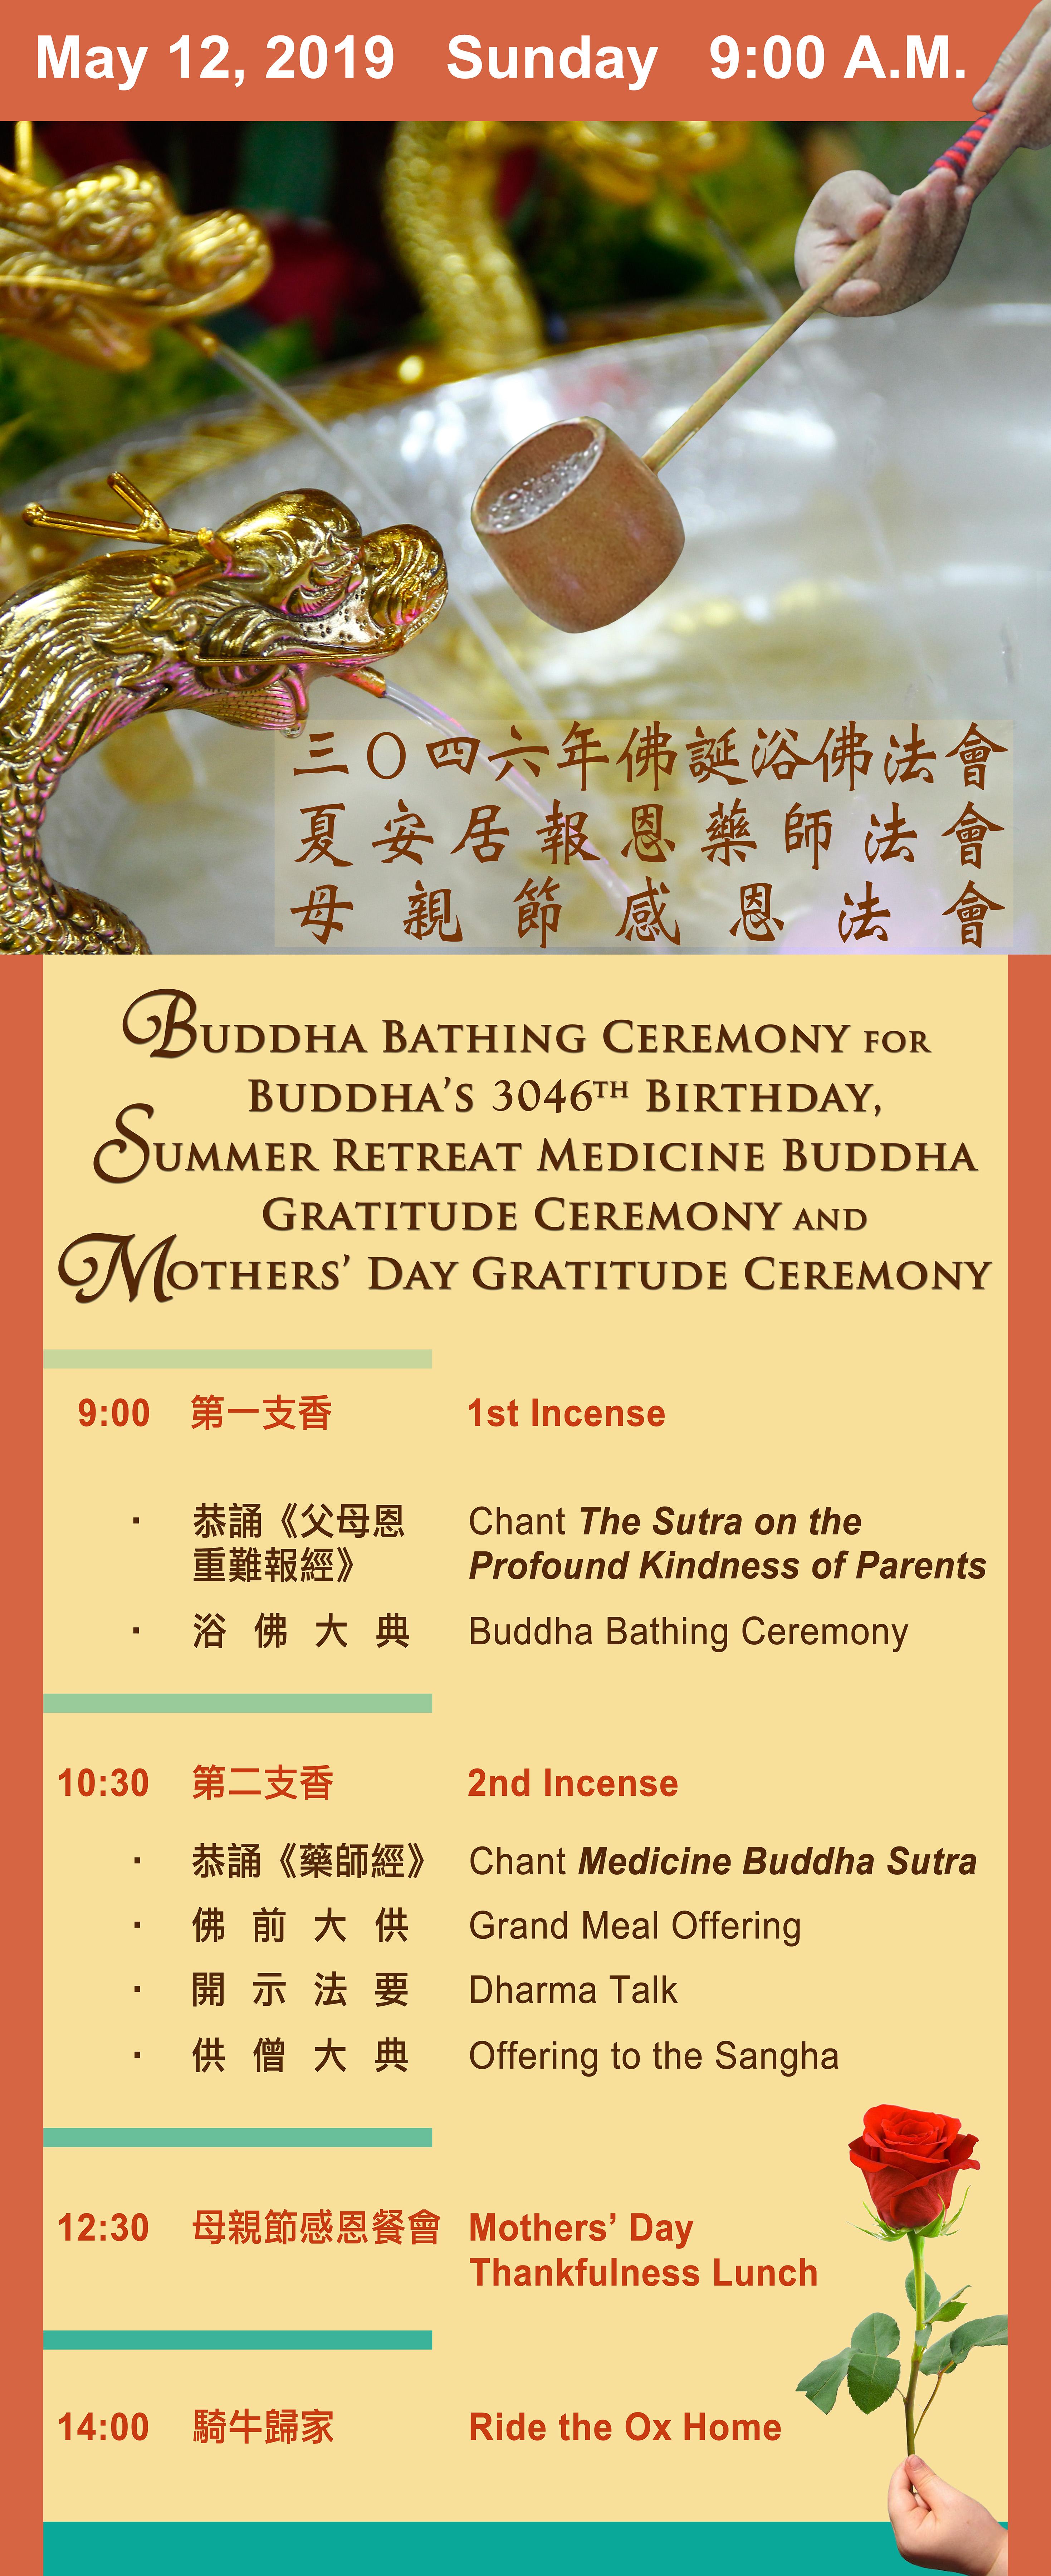 Buddha Bathing ceremony